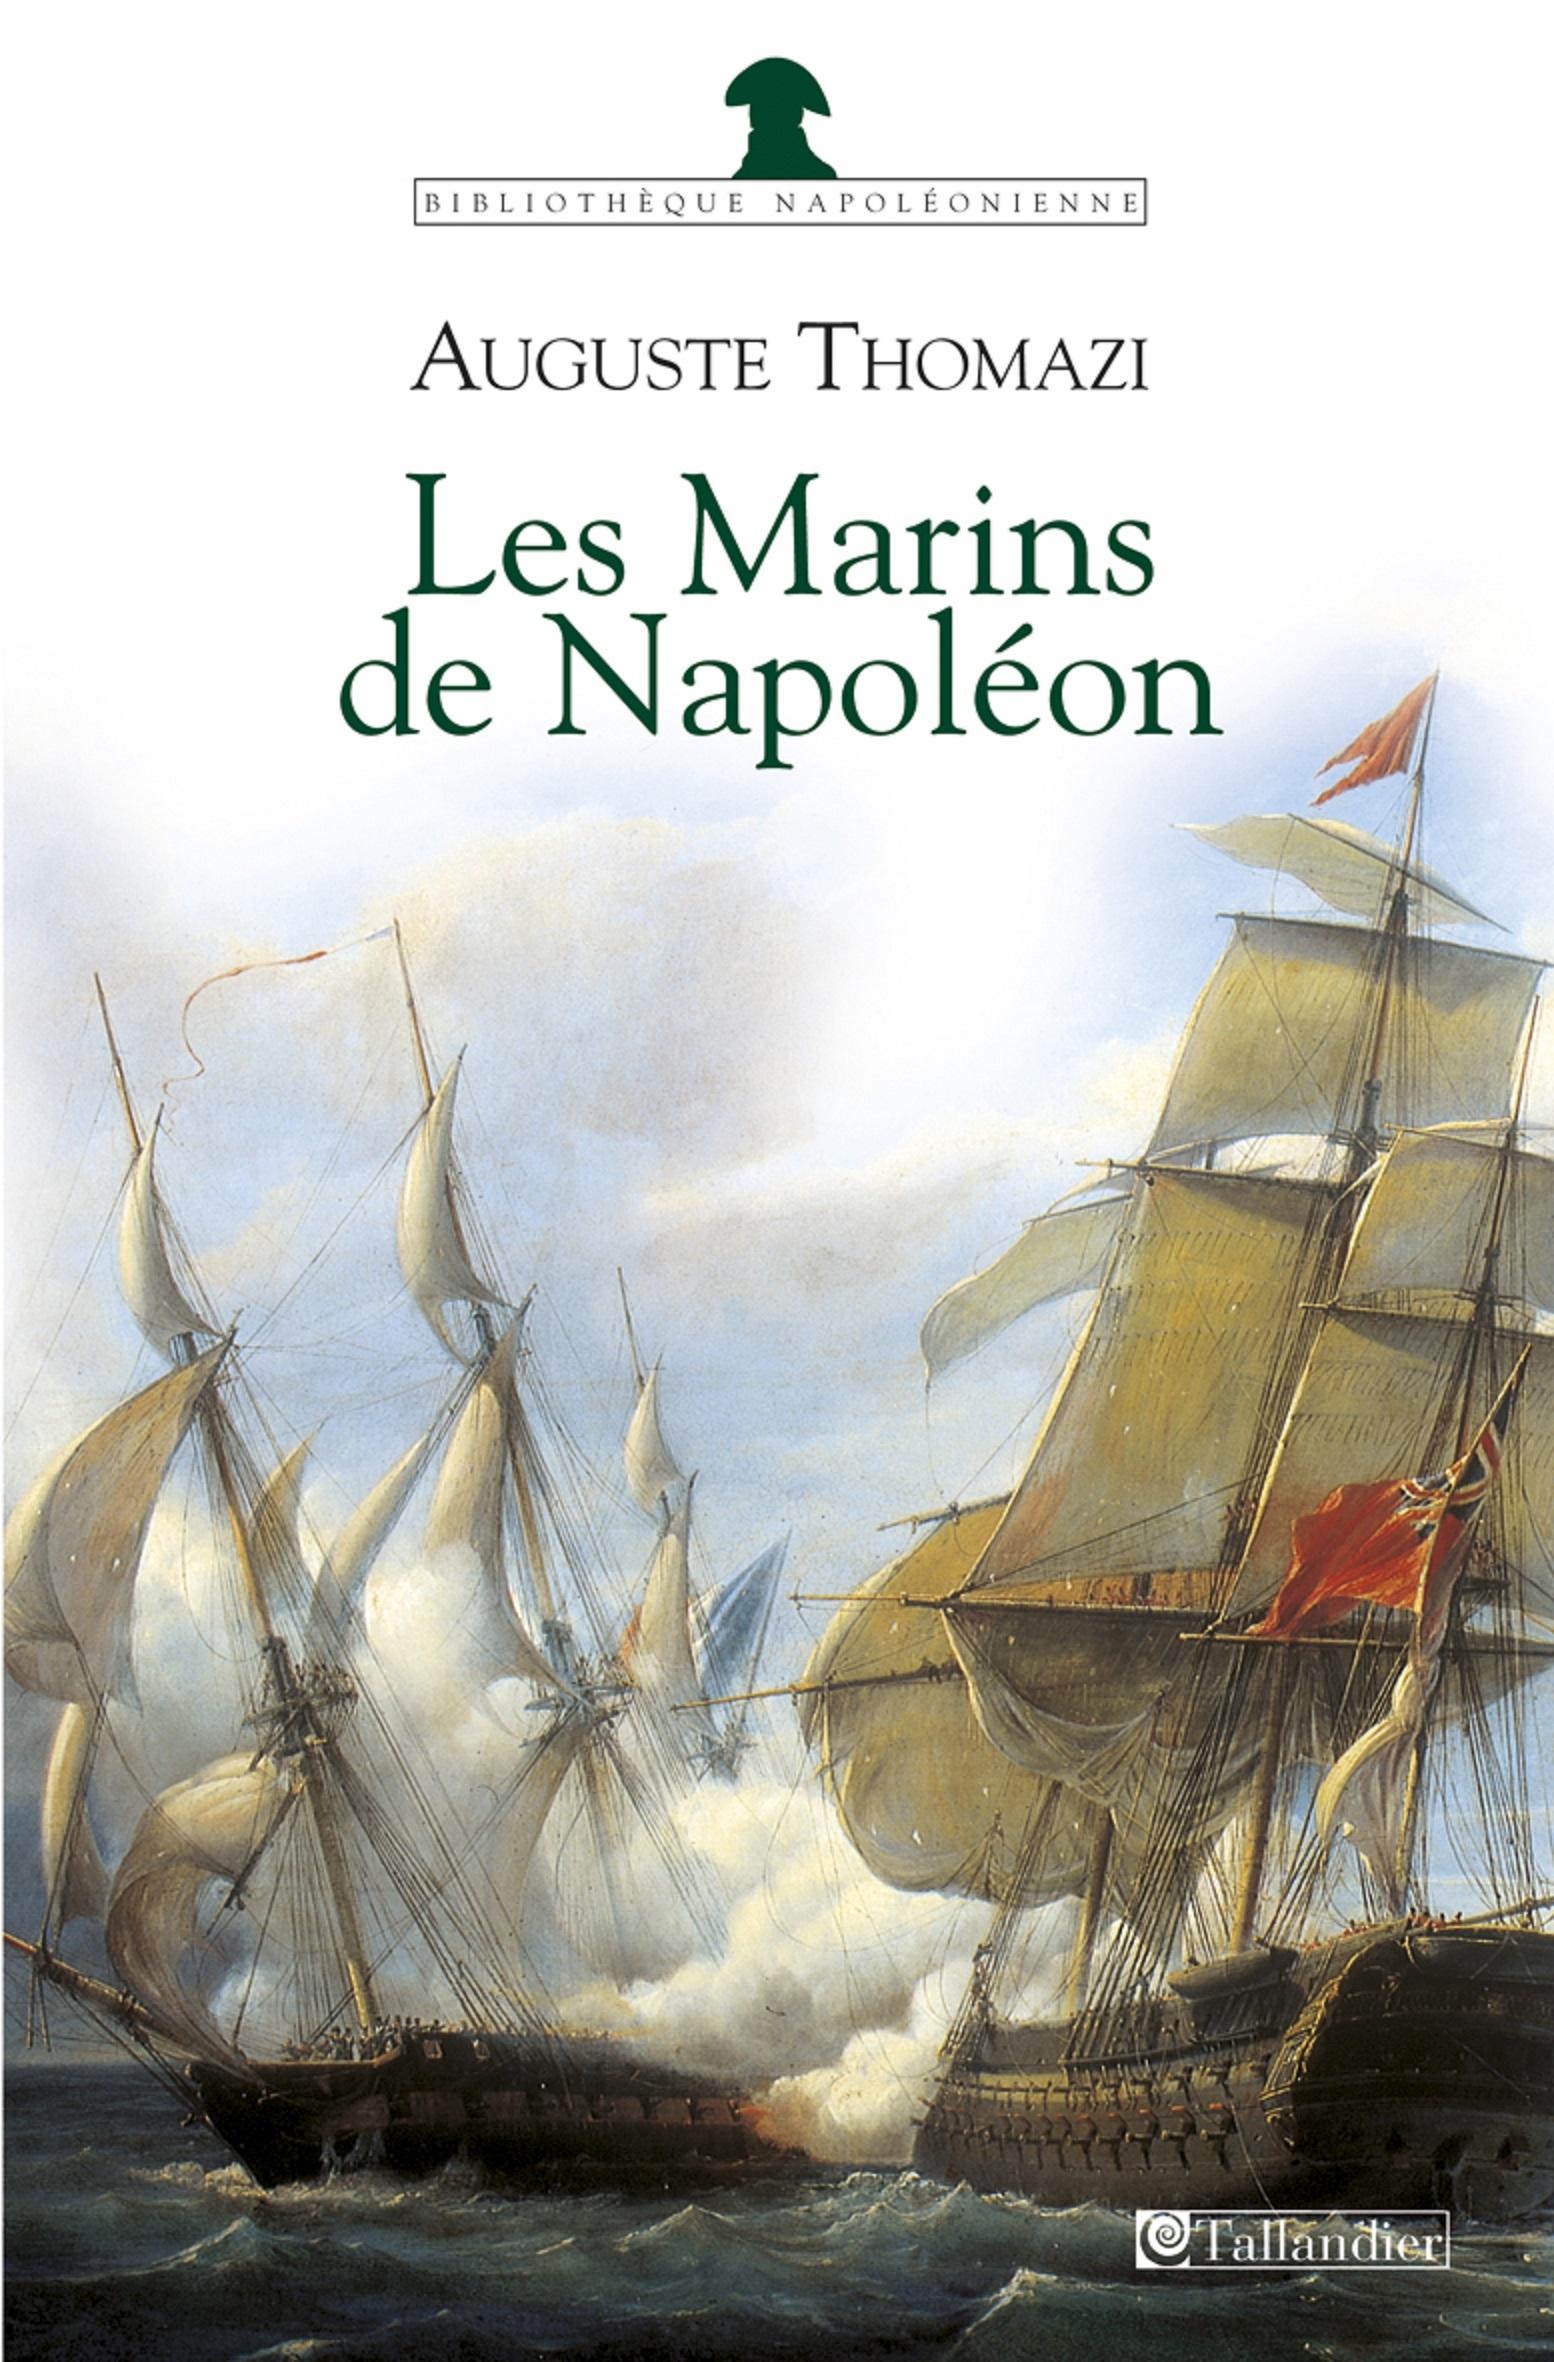 Les Marins de Napoléon